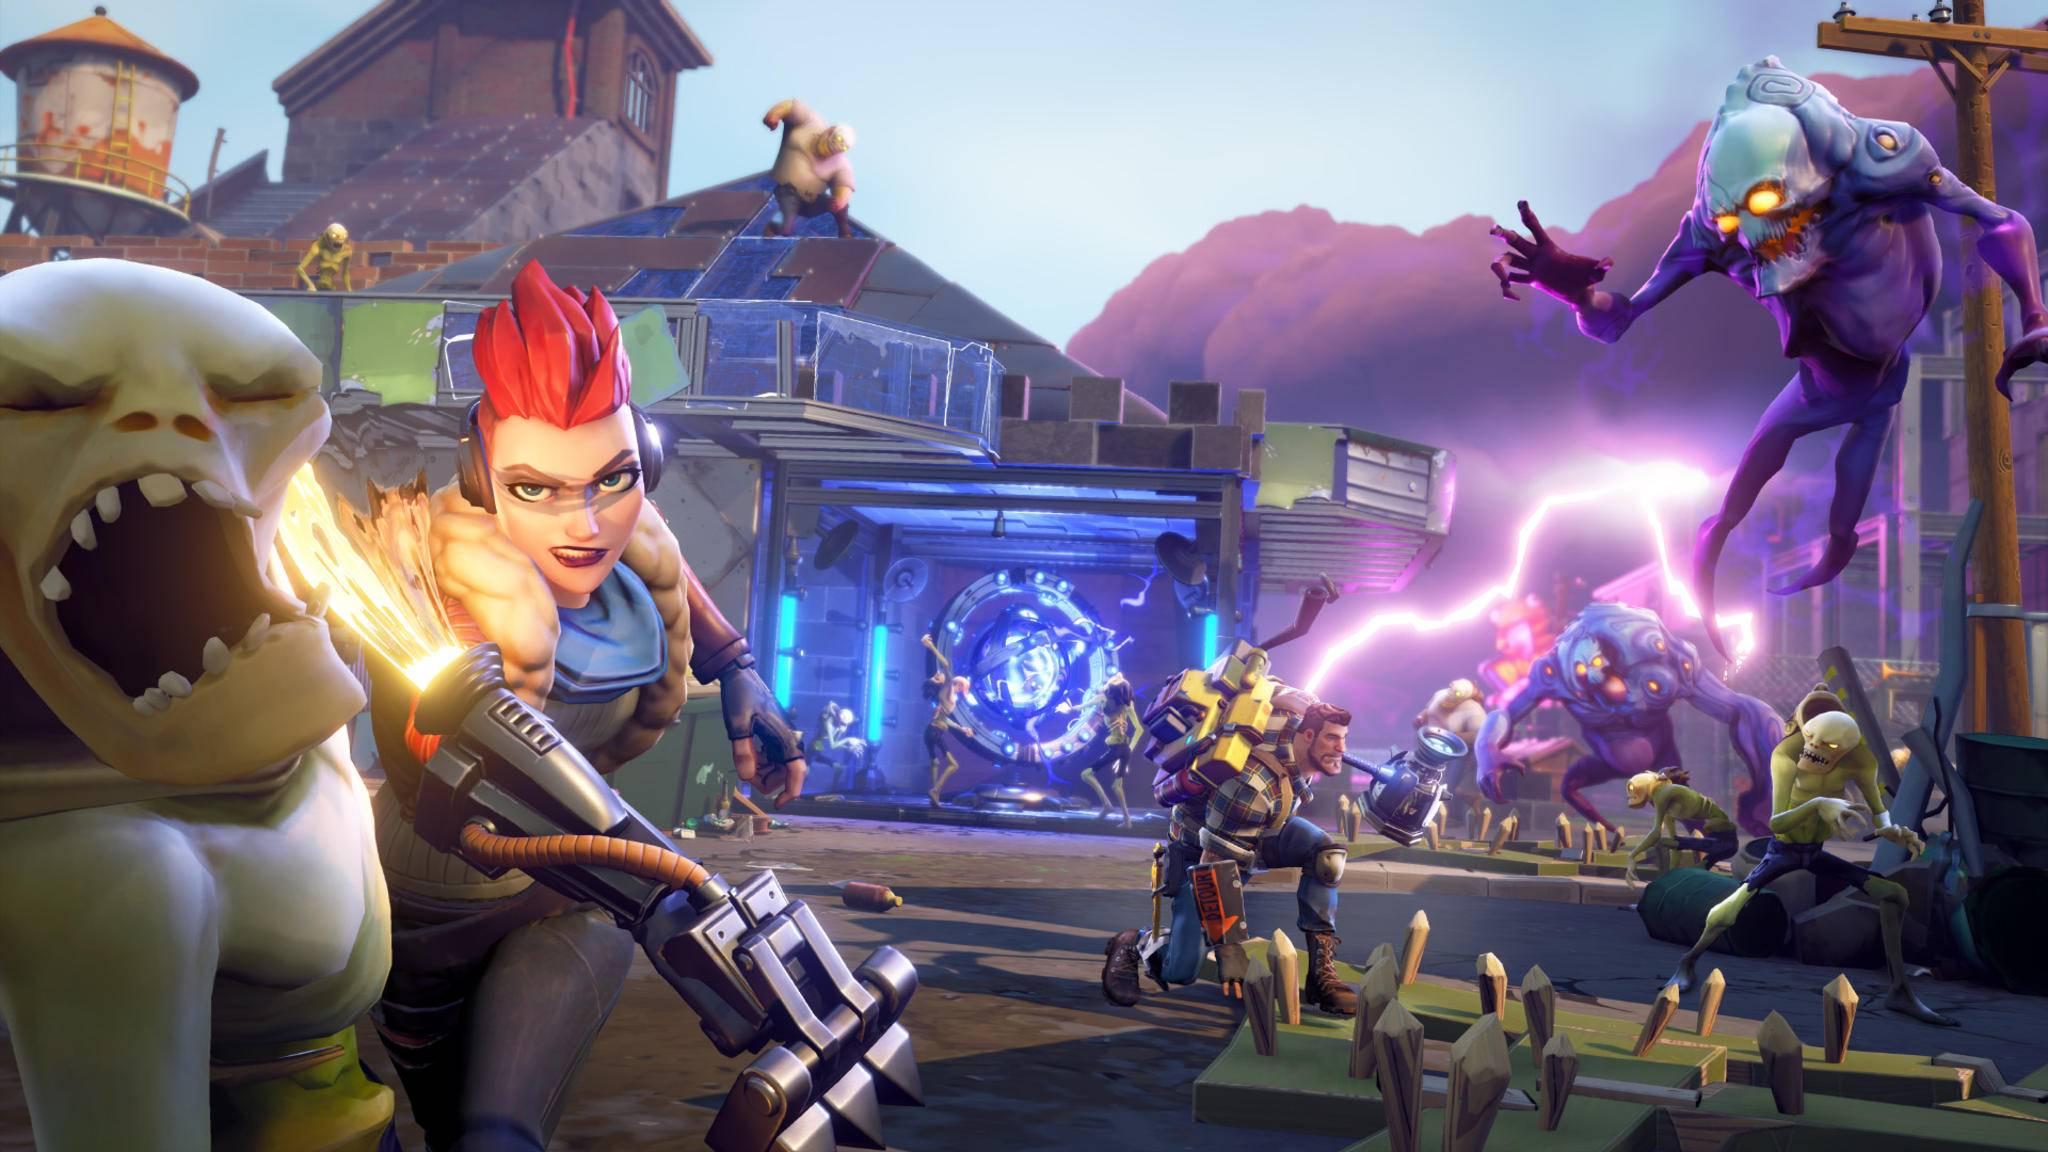 """Kein Battle Royale, trotzdem """"Fortnite"""": In """"Rette die Welt"""" erledigst Du mit anderen Spielern zusammen Zombie-Horden."""